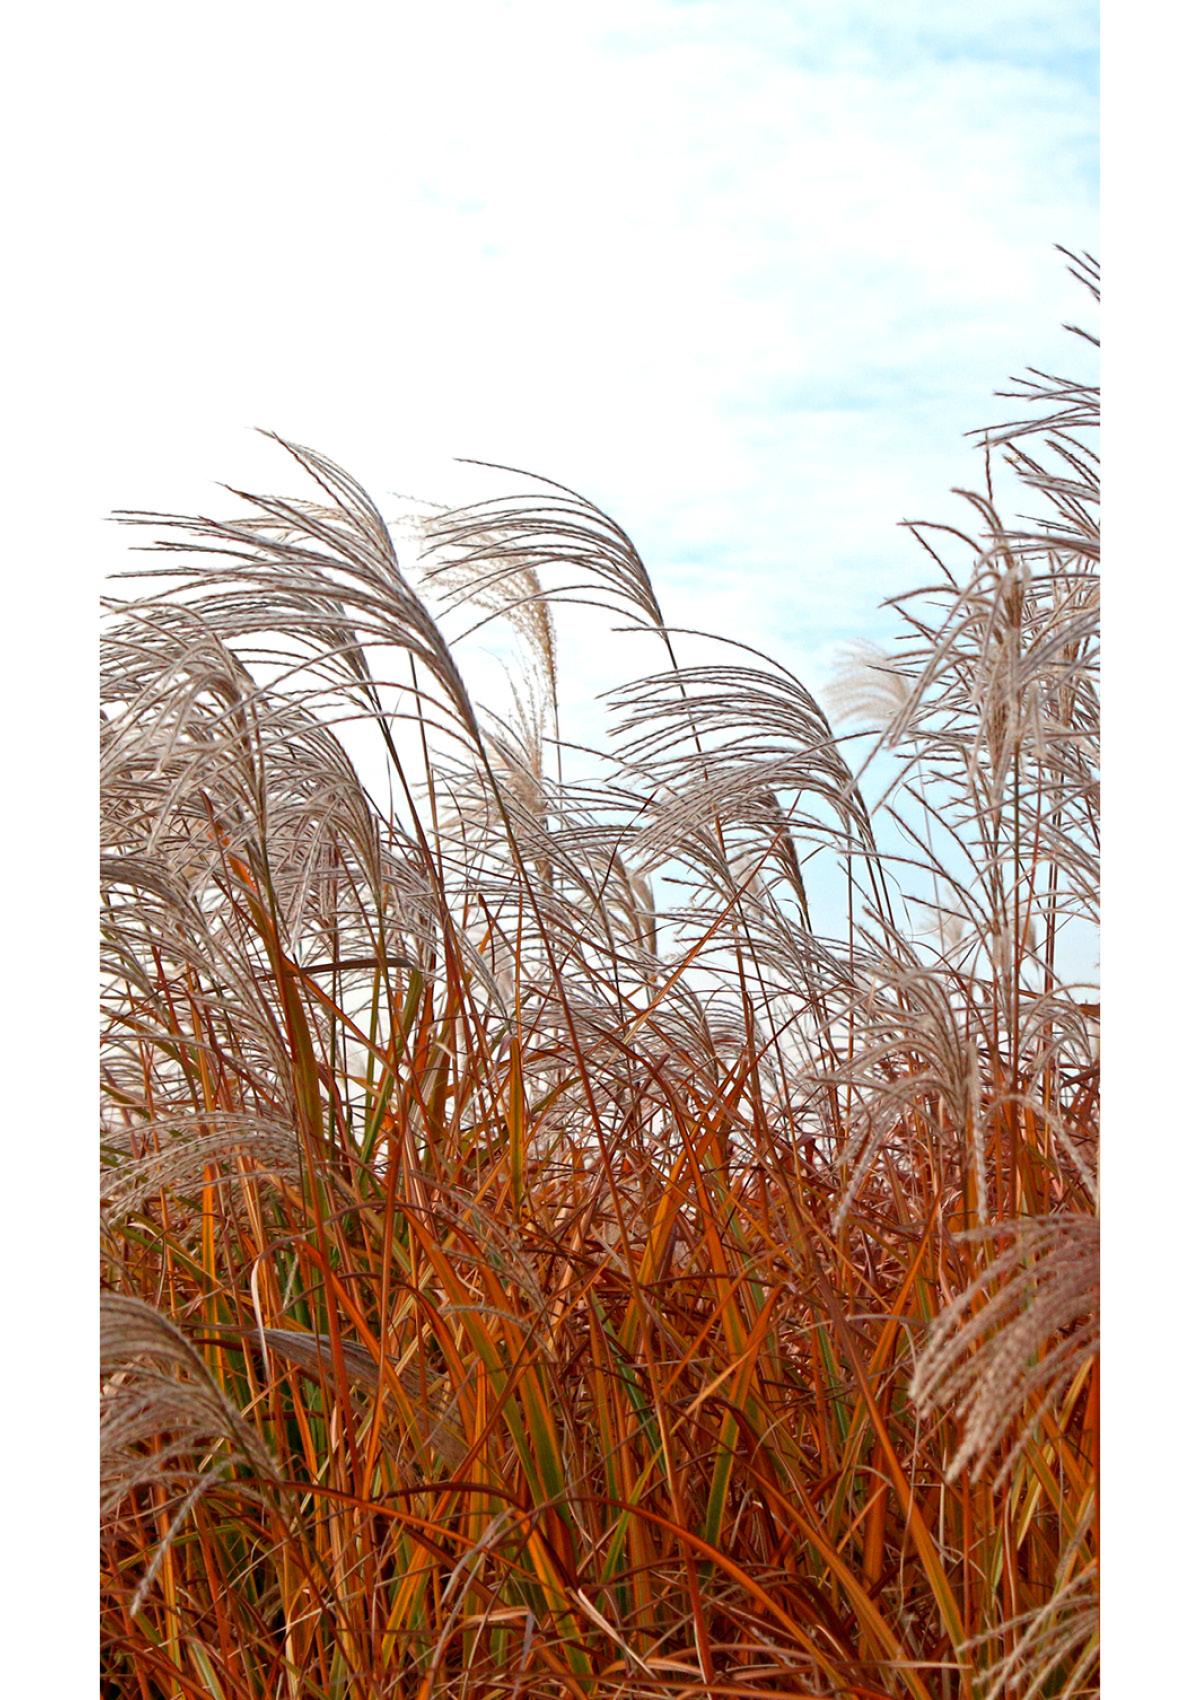 Dekor Gras im Wind (Flat E)